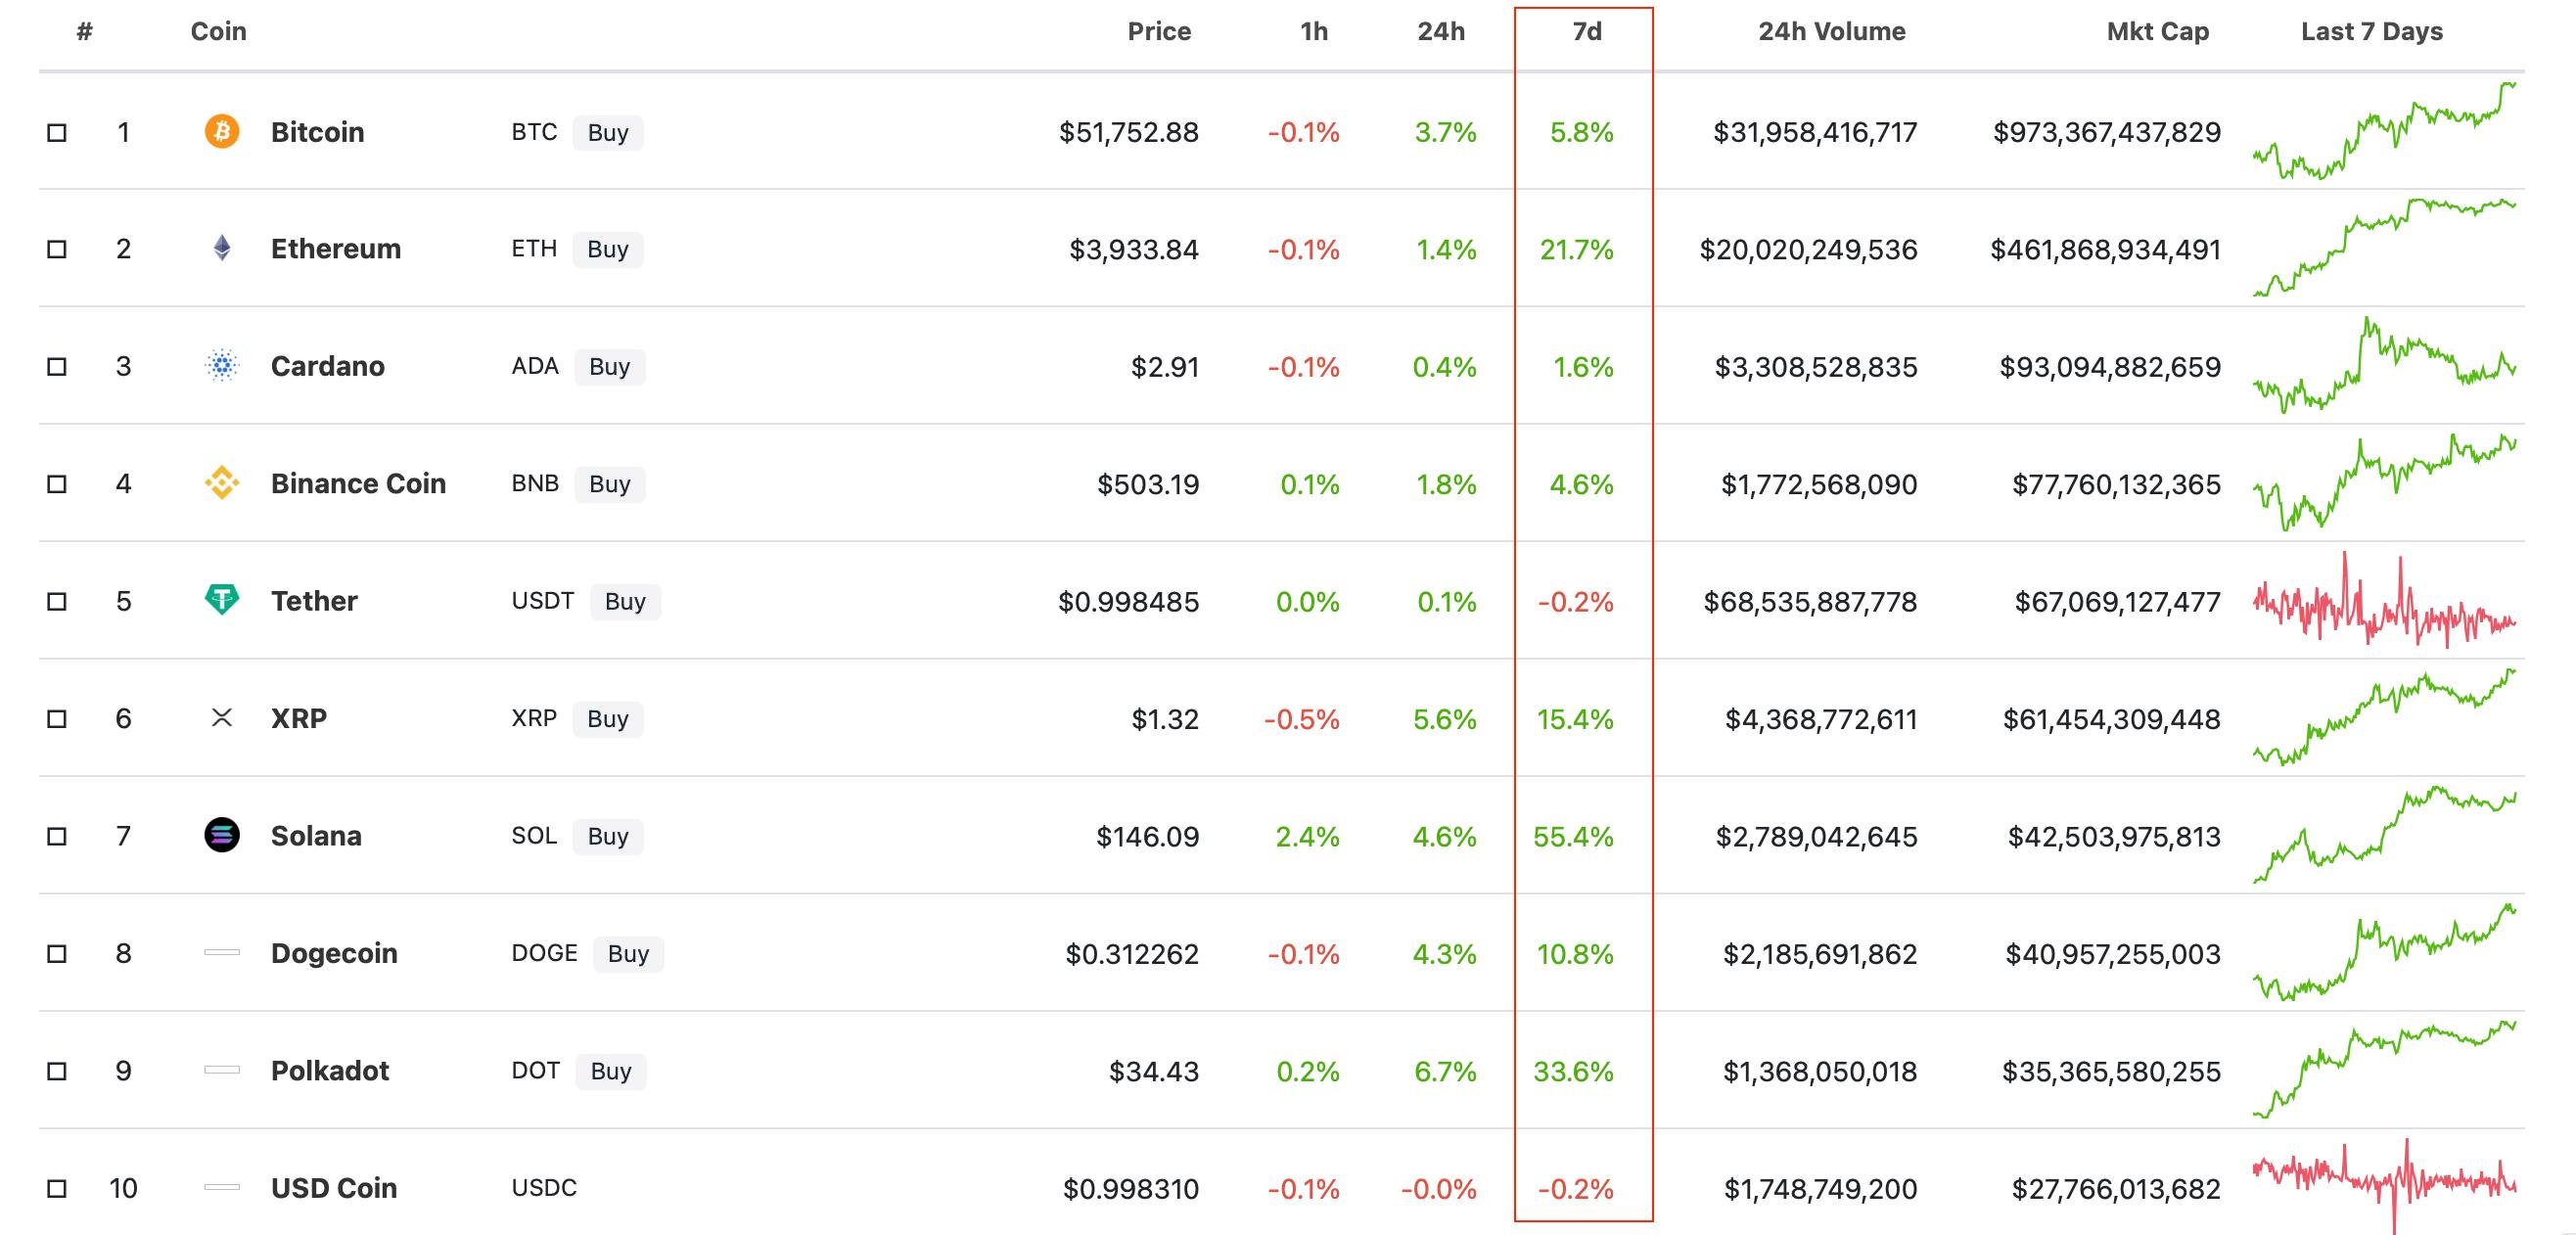 блокчейн криптовалюты рейтинг